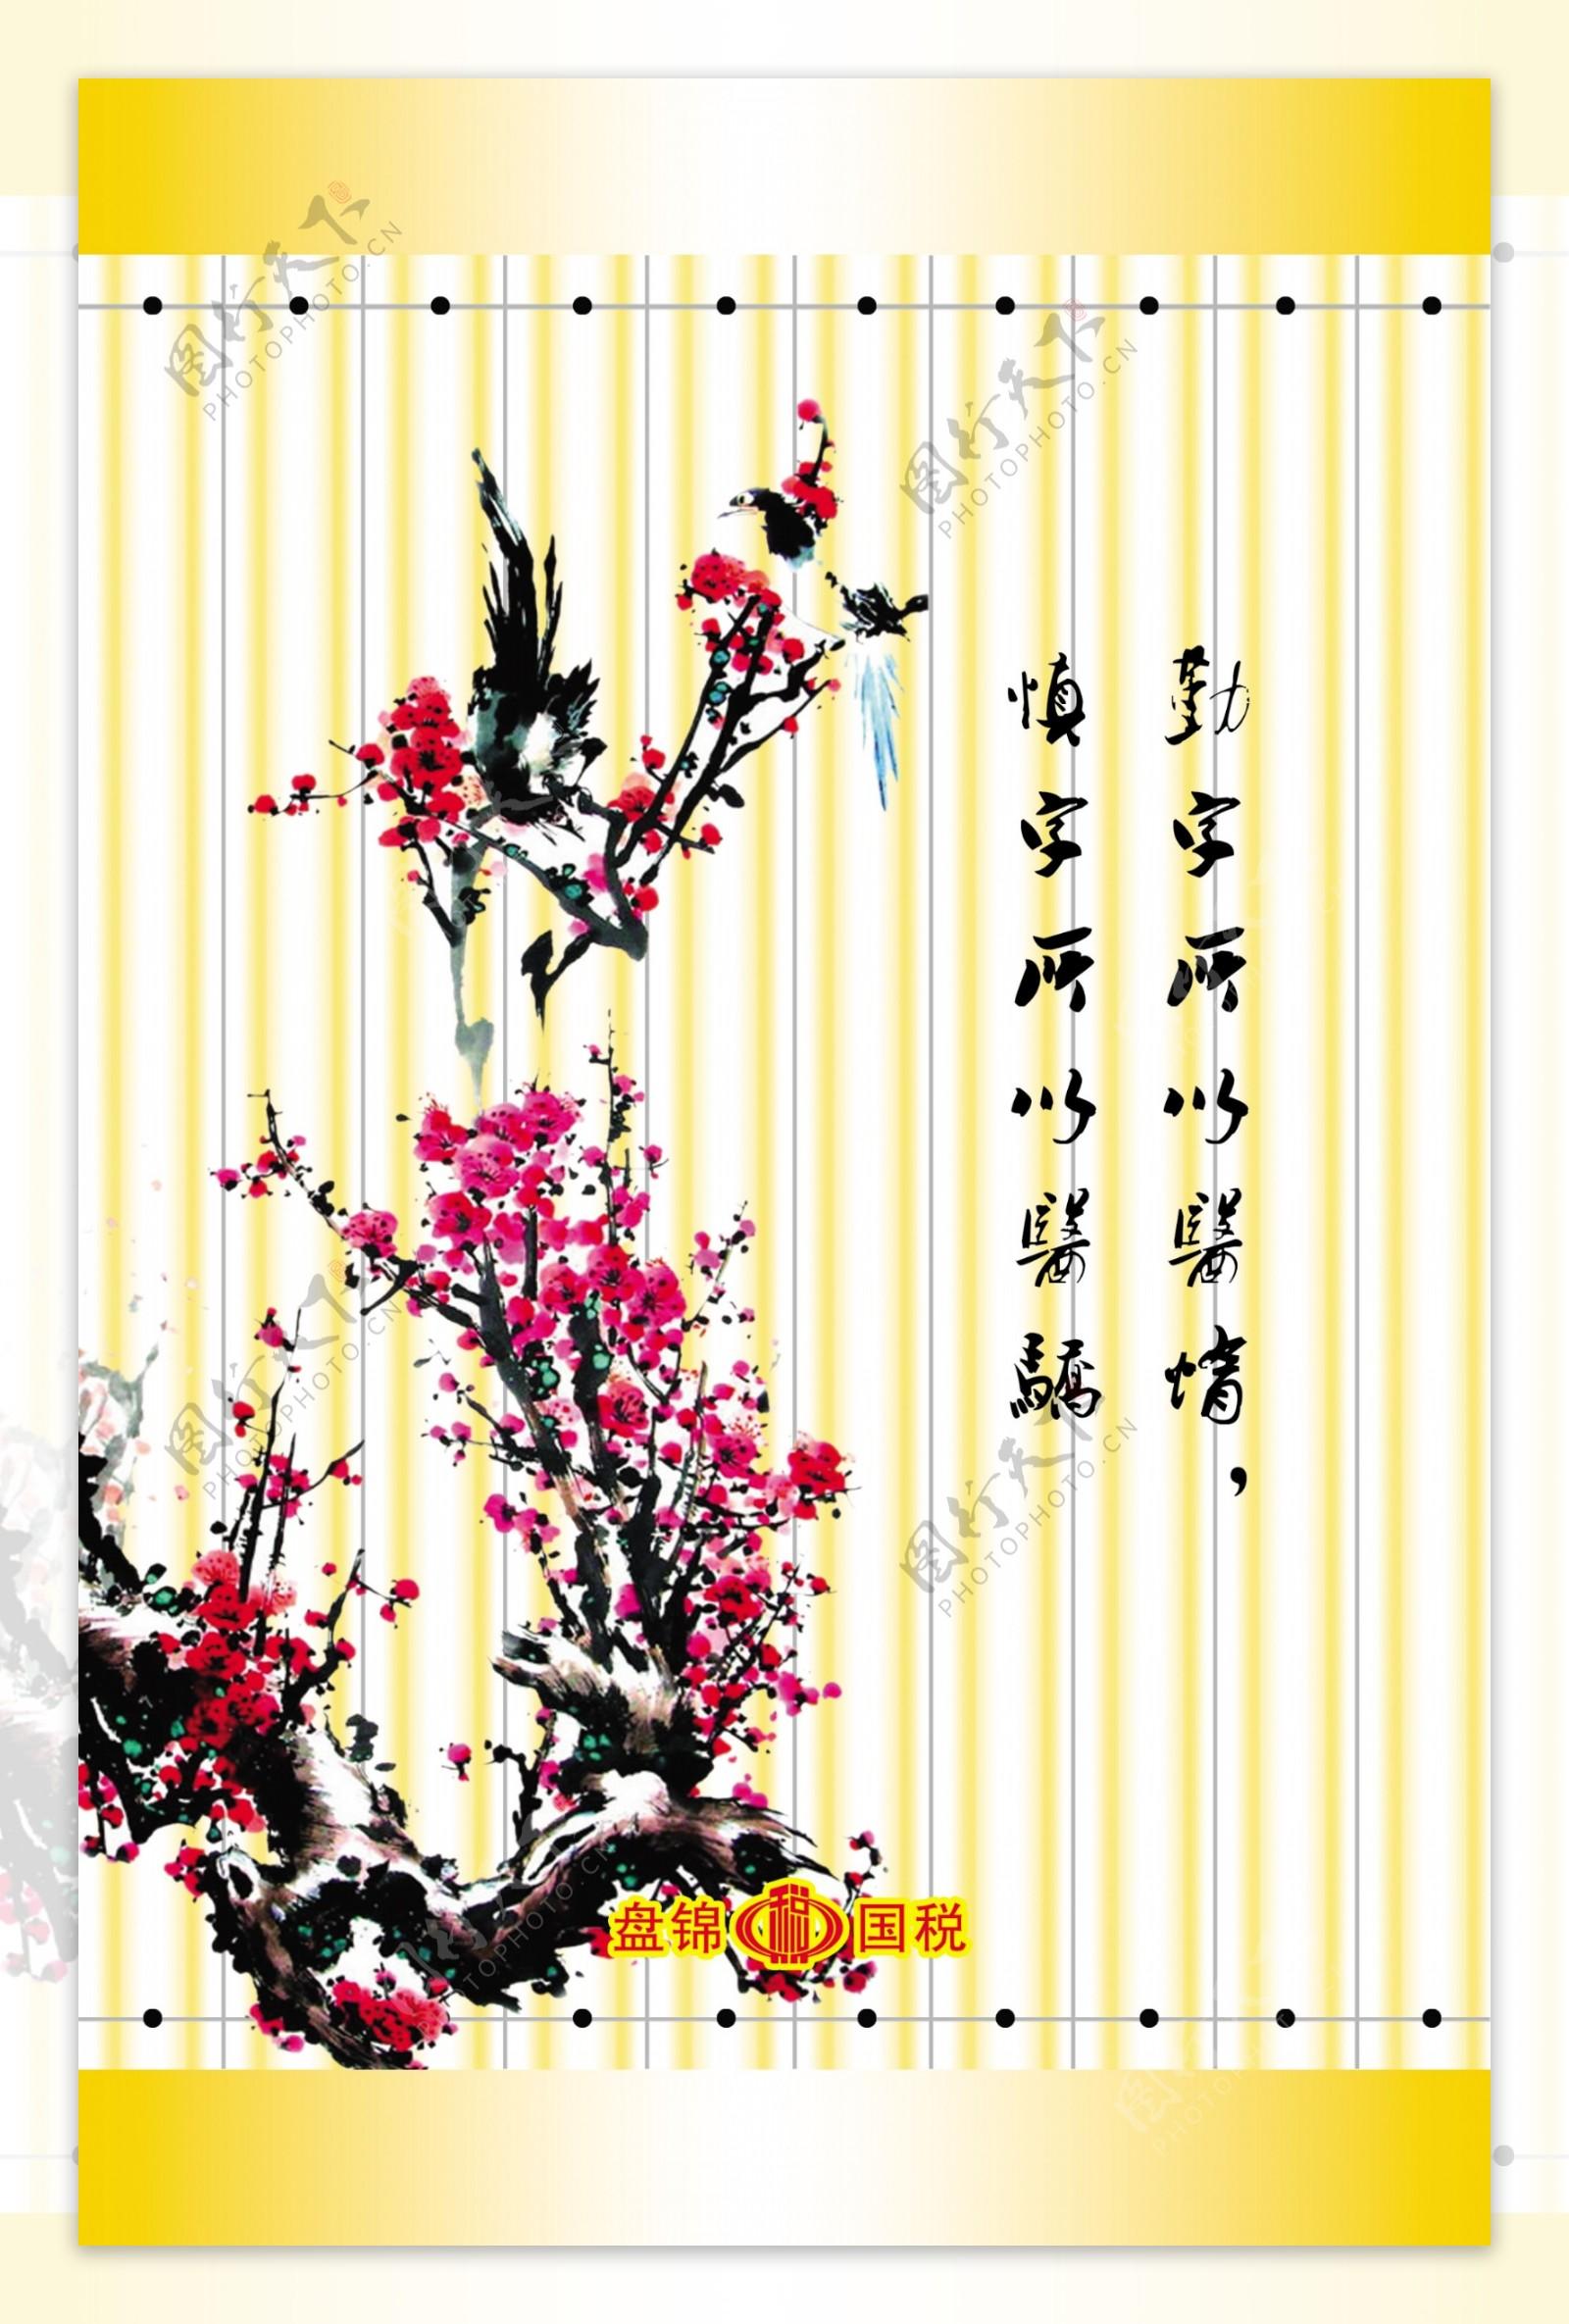 盘锦国税展板图片